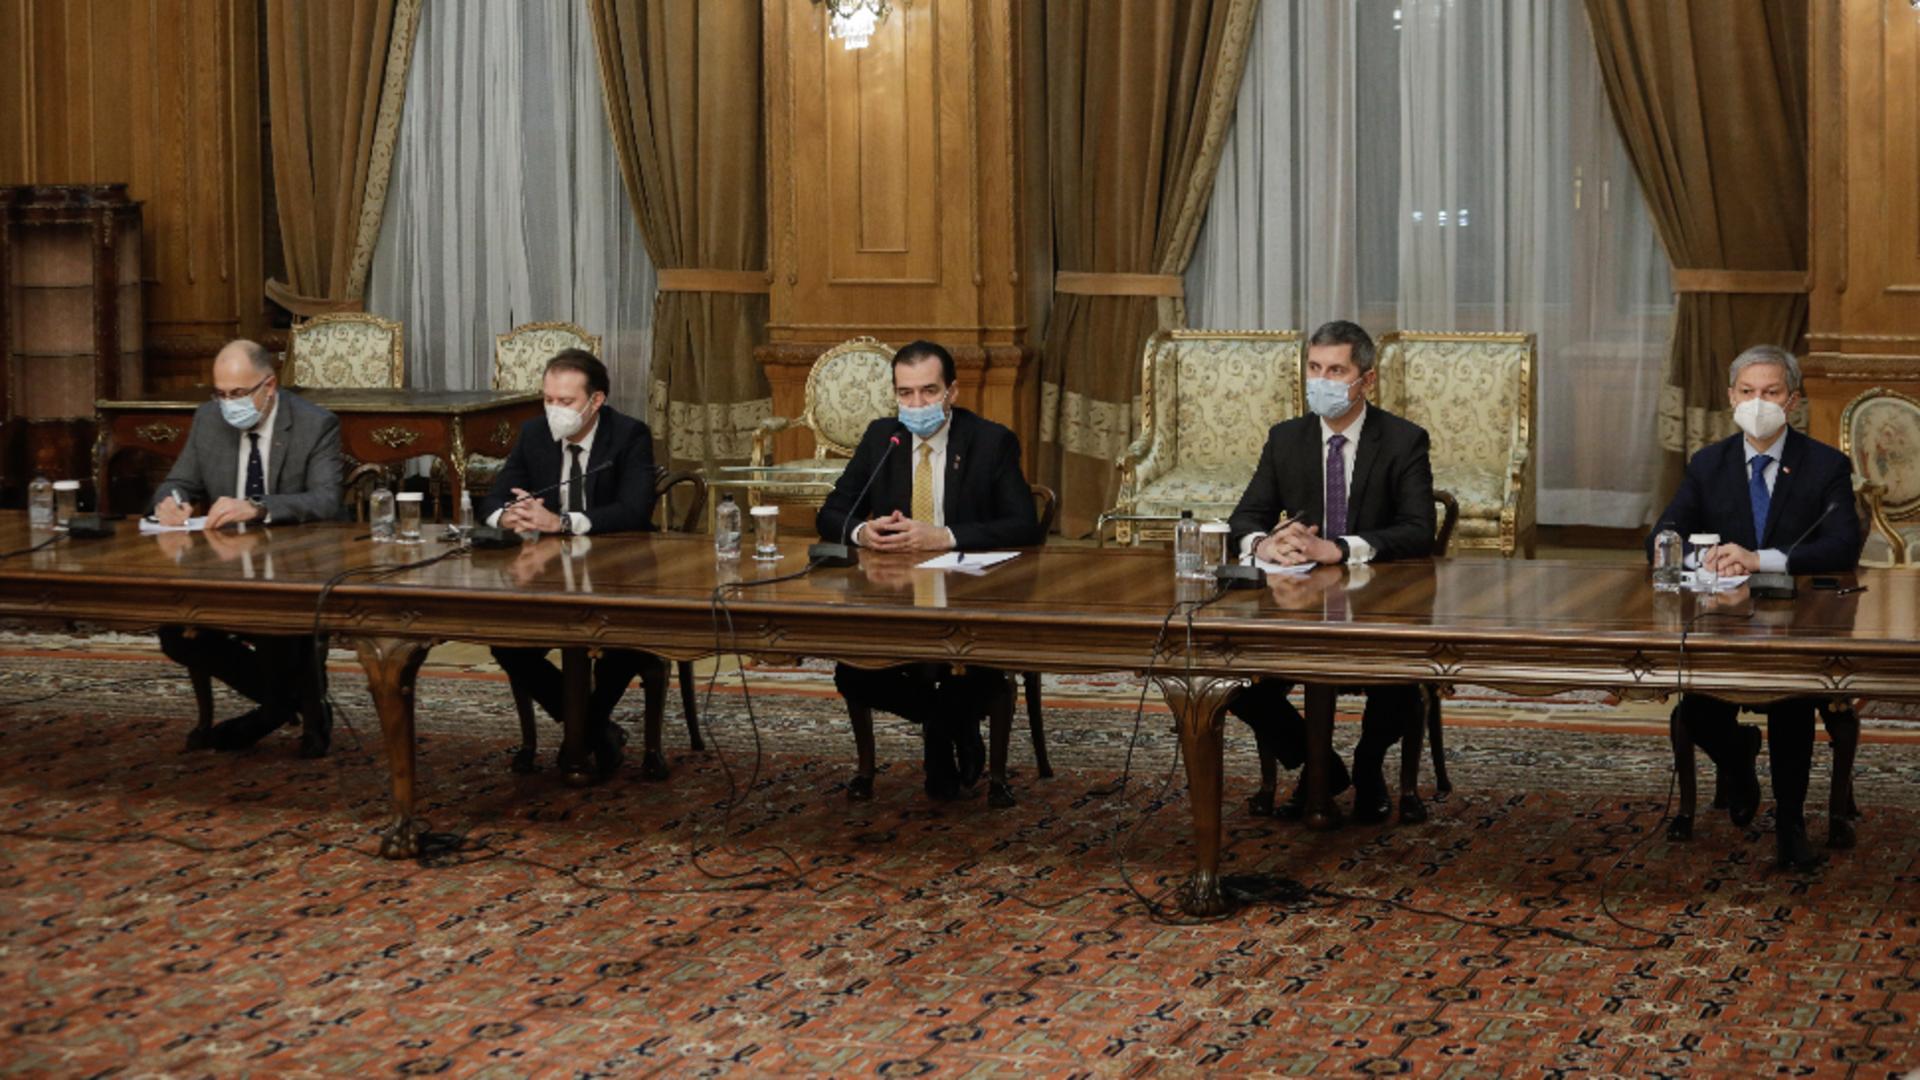 Coaliția de guvernare stă pe un butoi cu pulbere / Foto: Inquam Photos